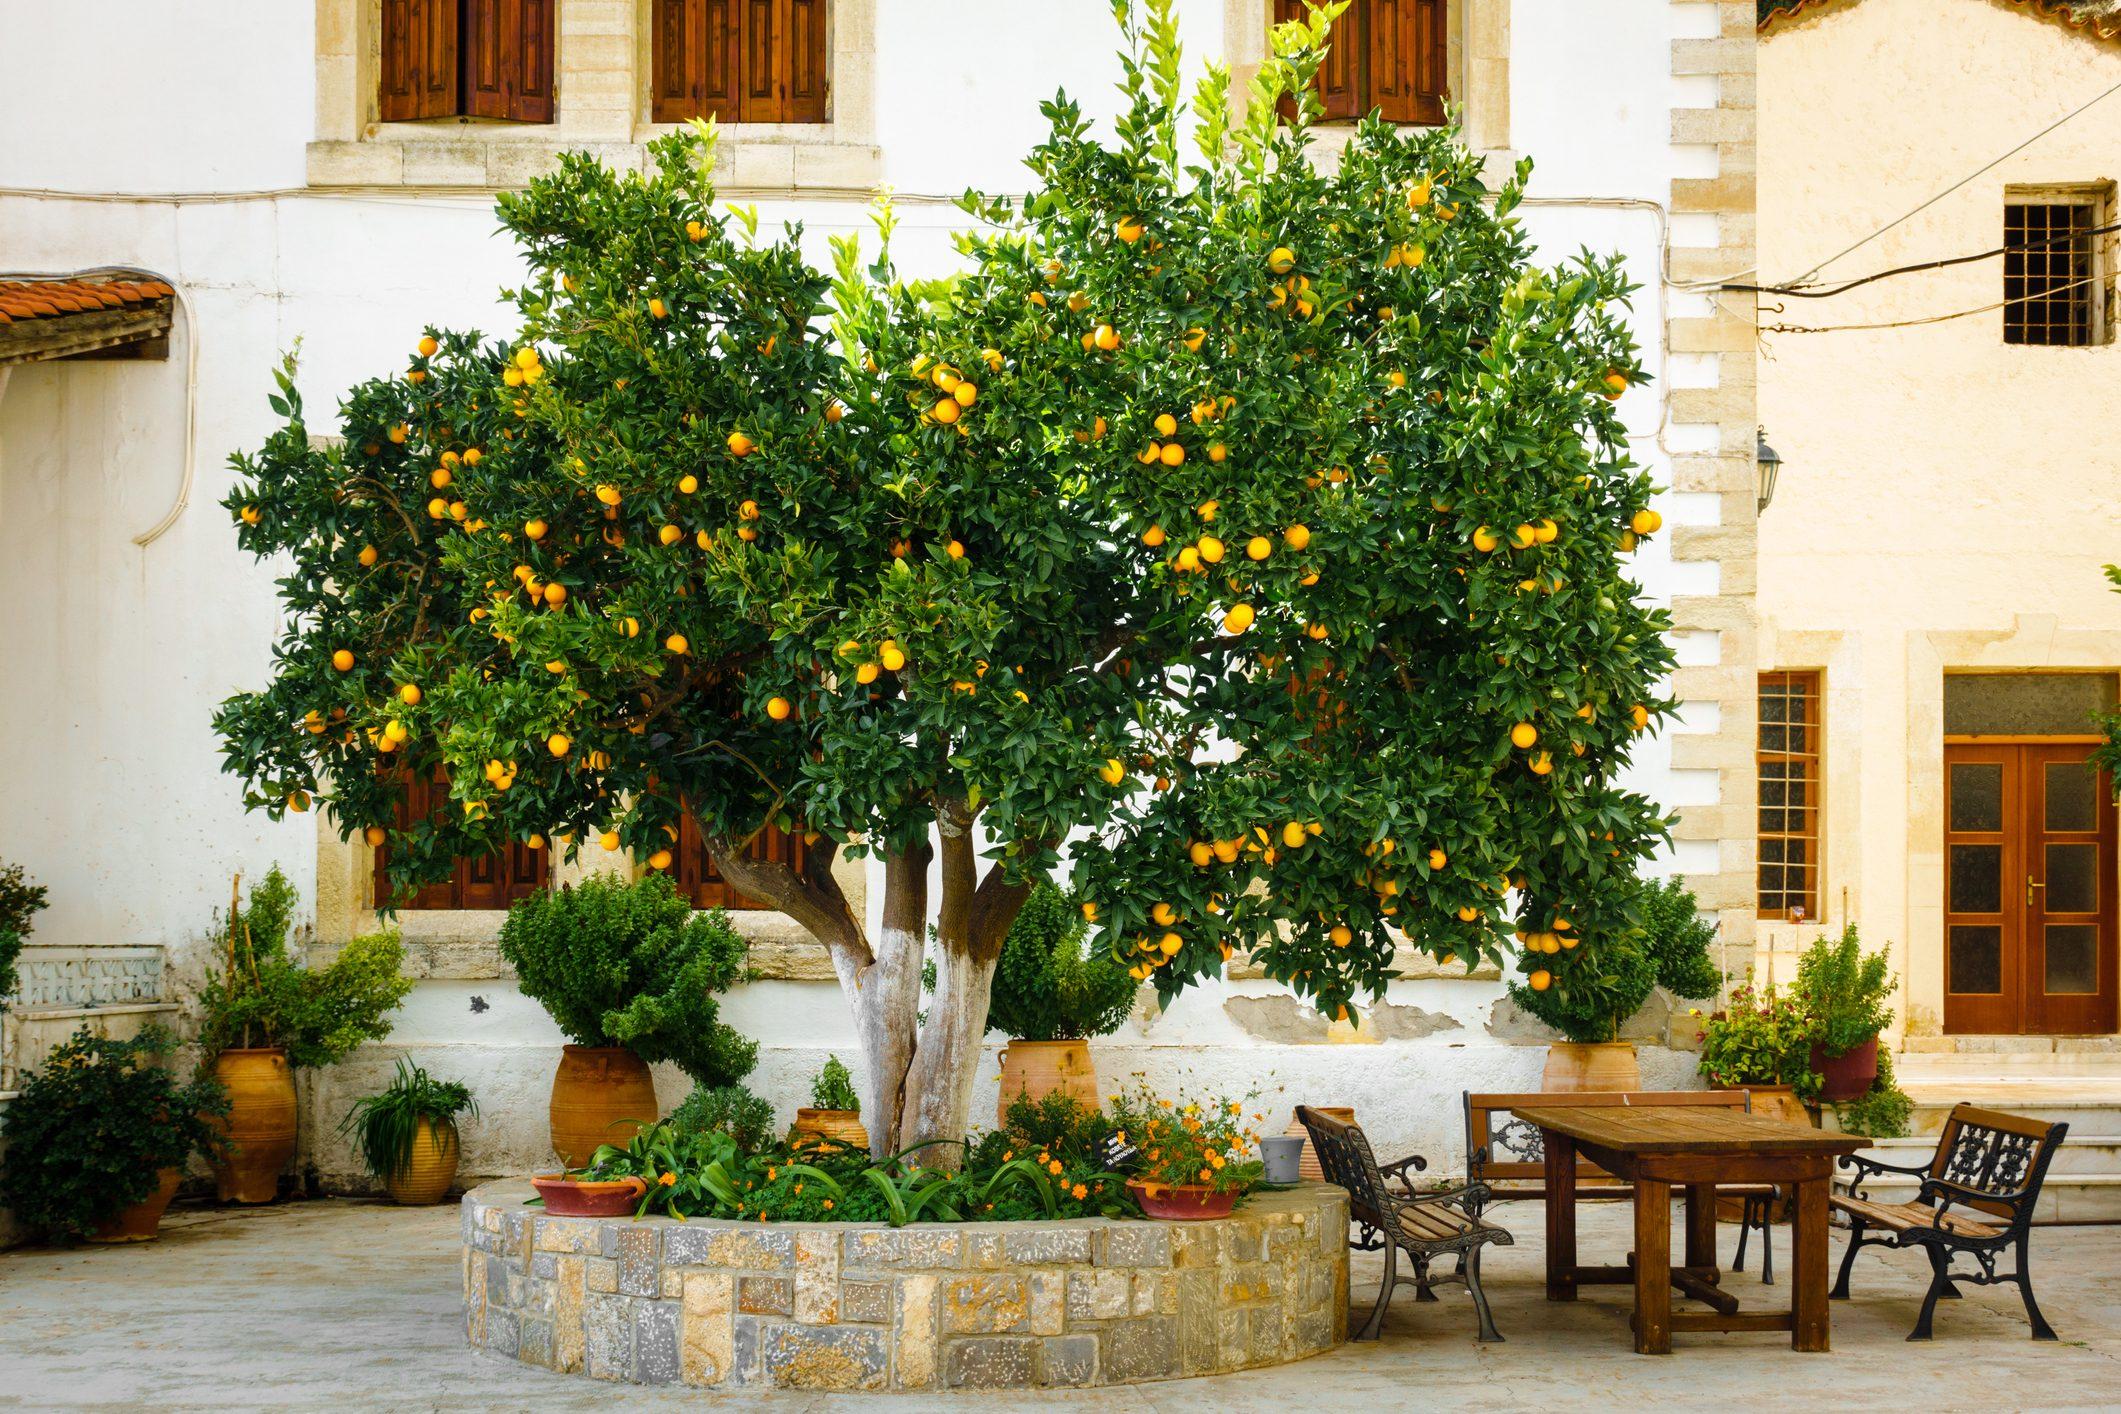 Piccoli Alberi Da Giardino come coltivare l'albero di arancio in giardino, oppure sul